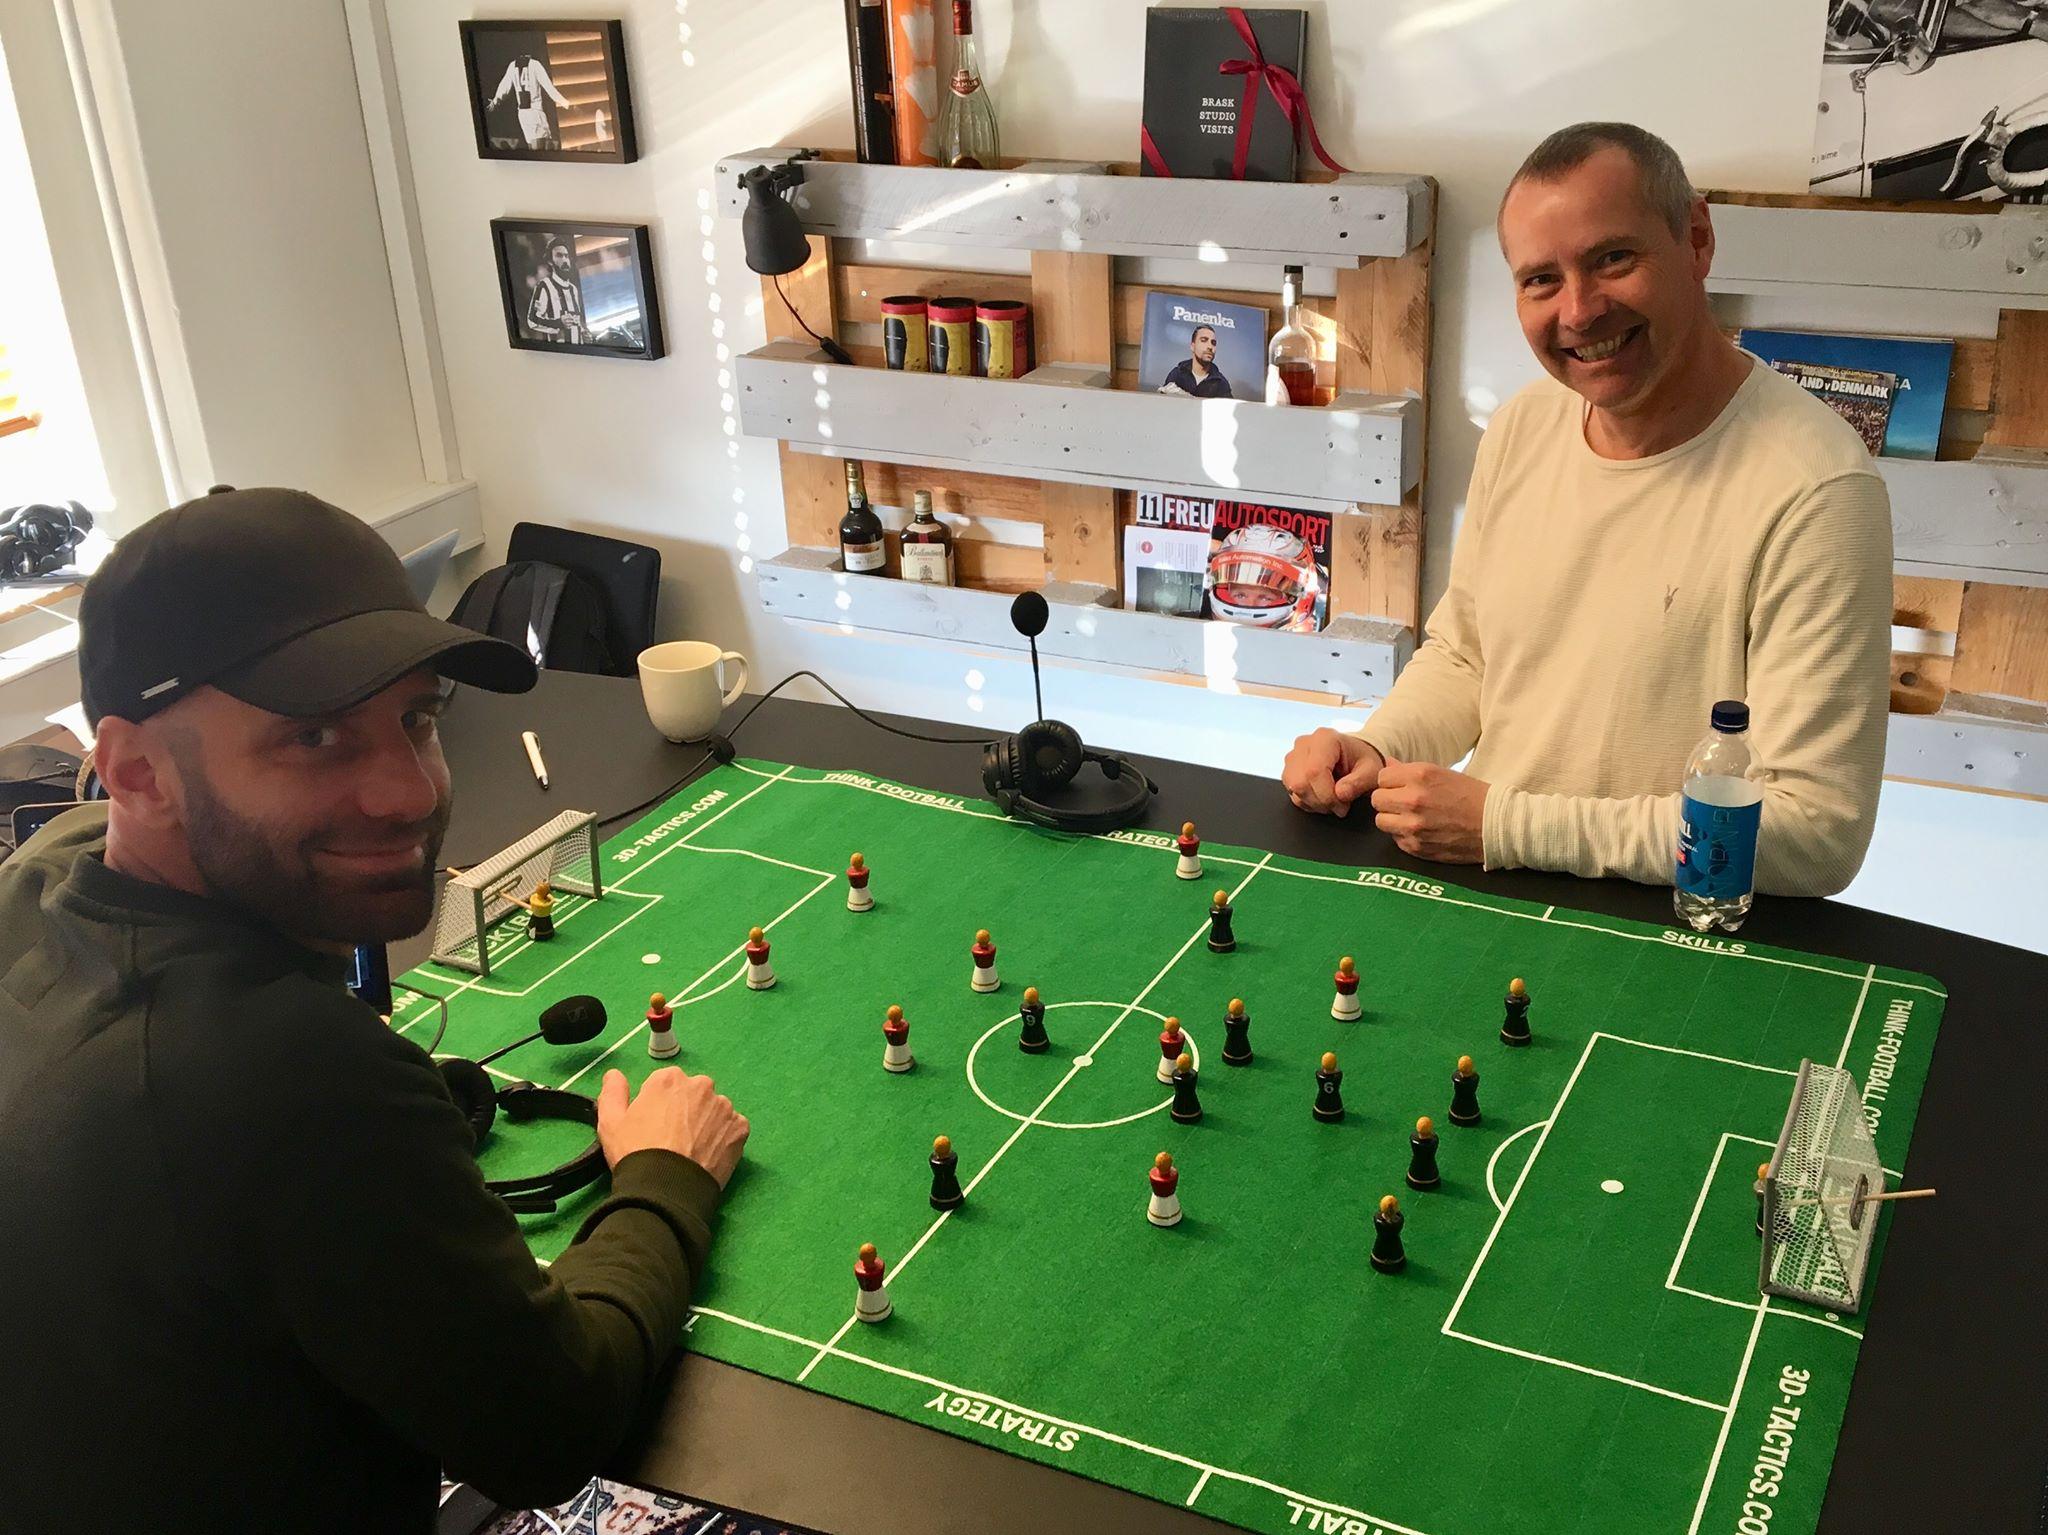 Rasmus Monnerup og FC Nordsjællands Flemming Pedersen er samlet om Flickball-bordet og figurerne, der danner grundlag for 'Det taktiske værksted'.